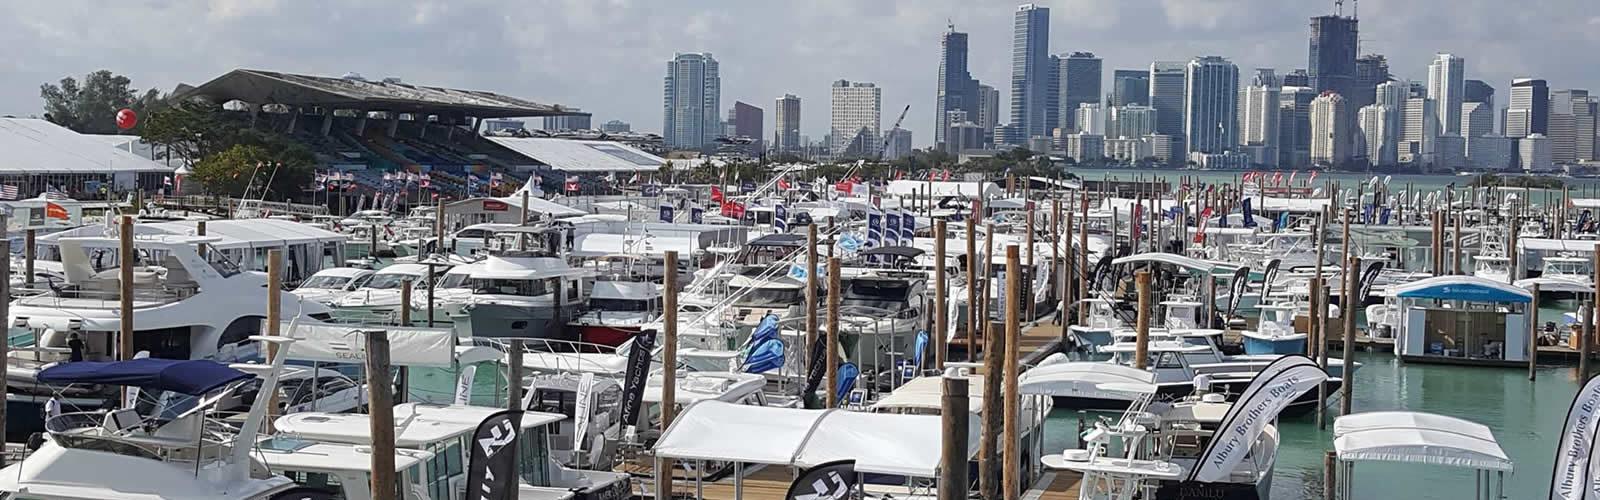 miami-international-boat-show-salon-nautique-une